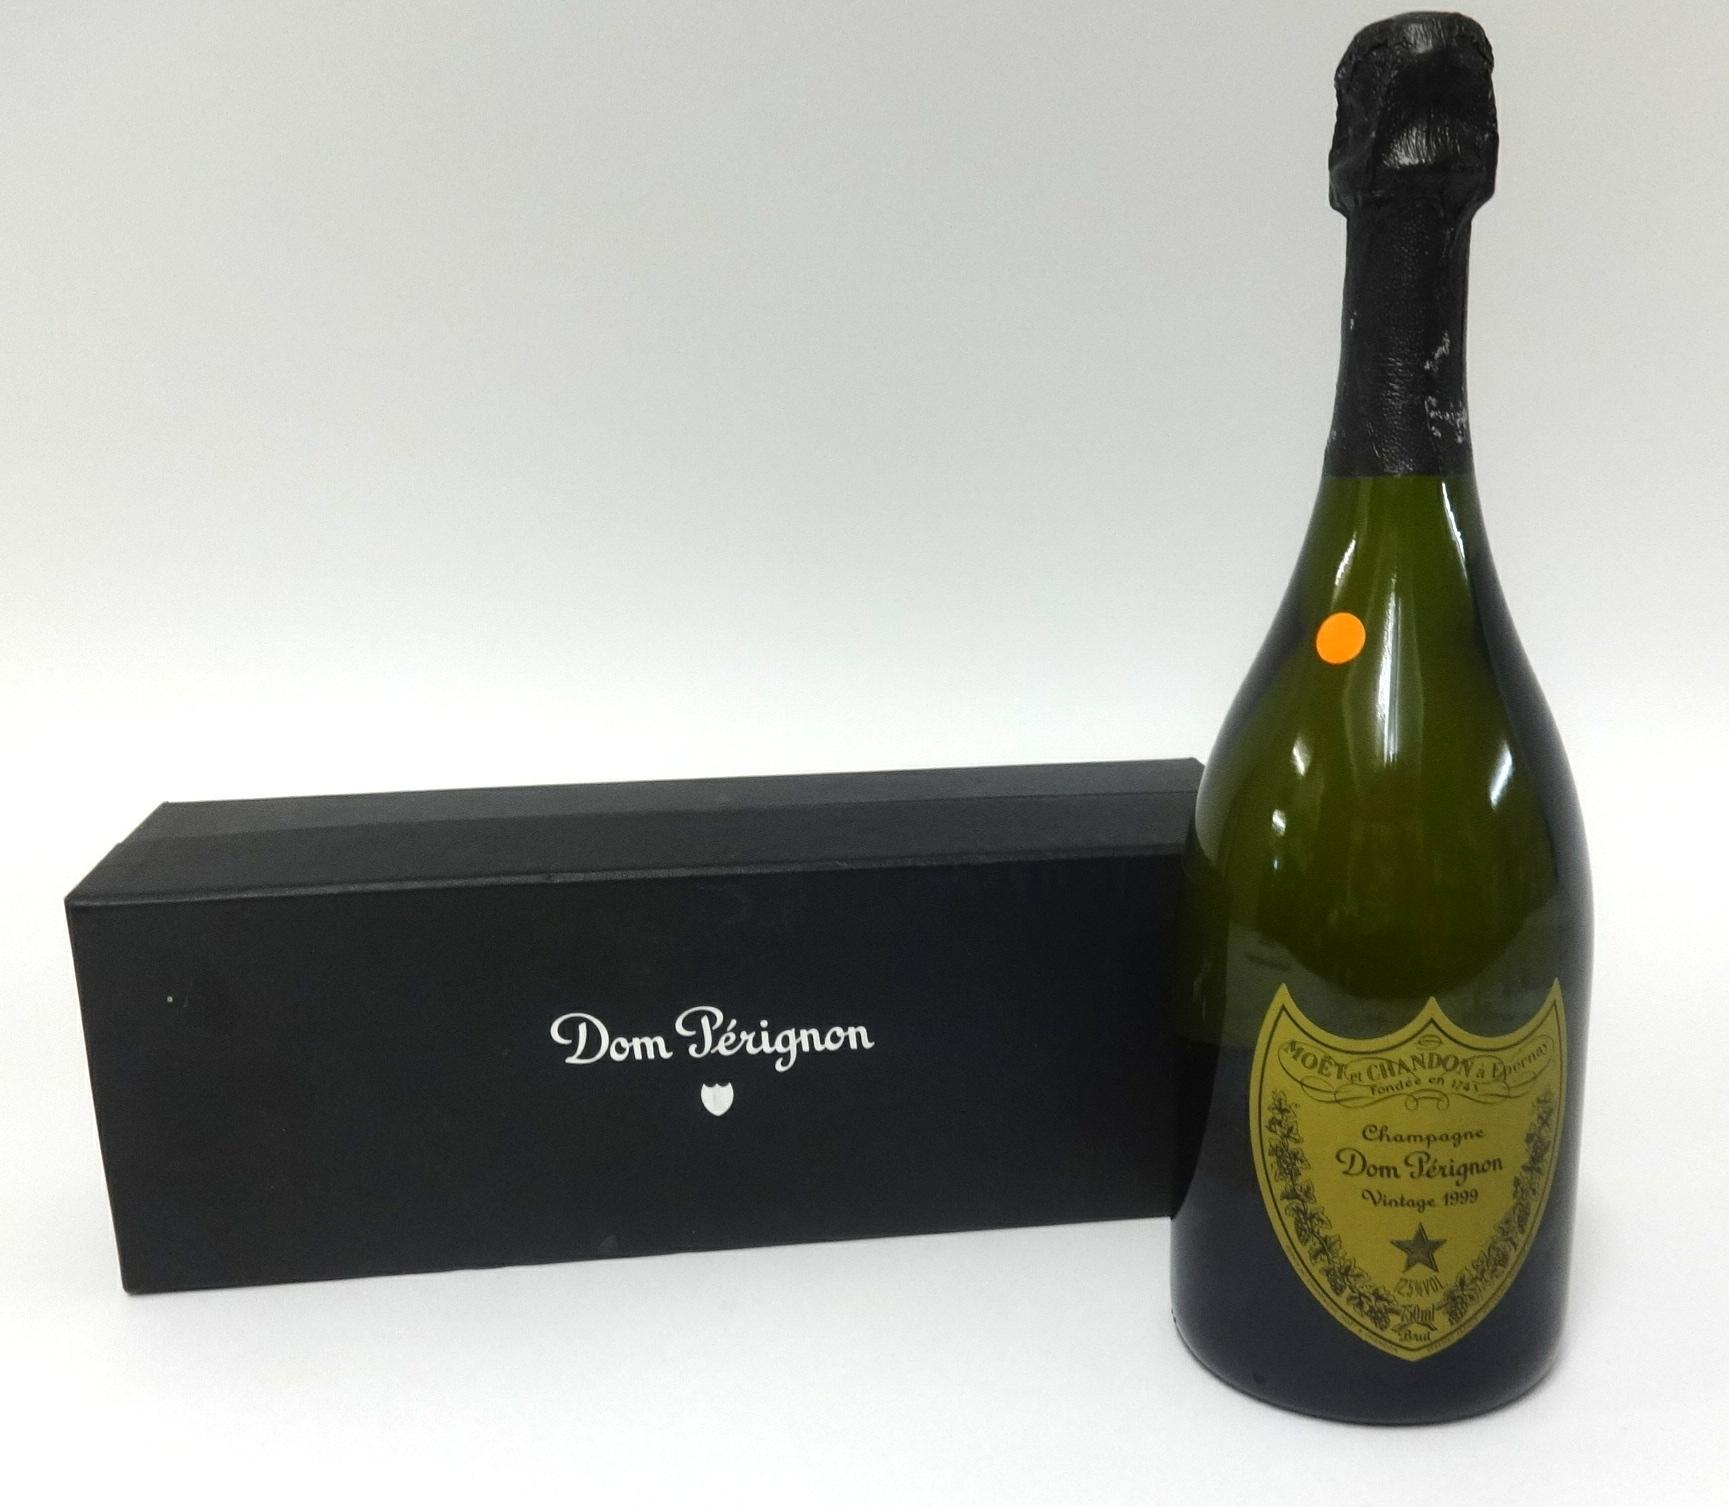 Lot 024 - A vintage 1999 boxed bottle of Dom Perignon.